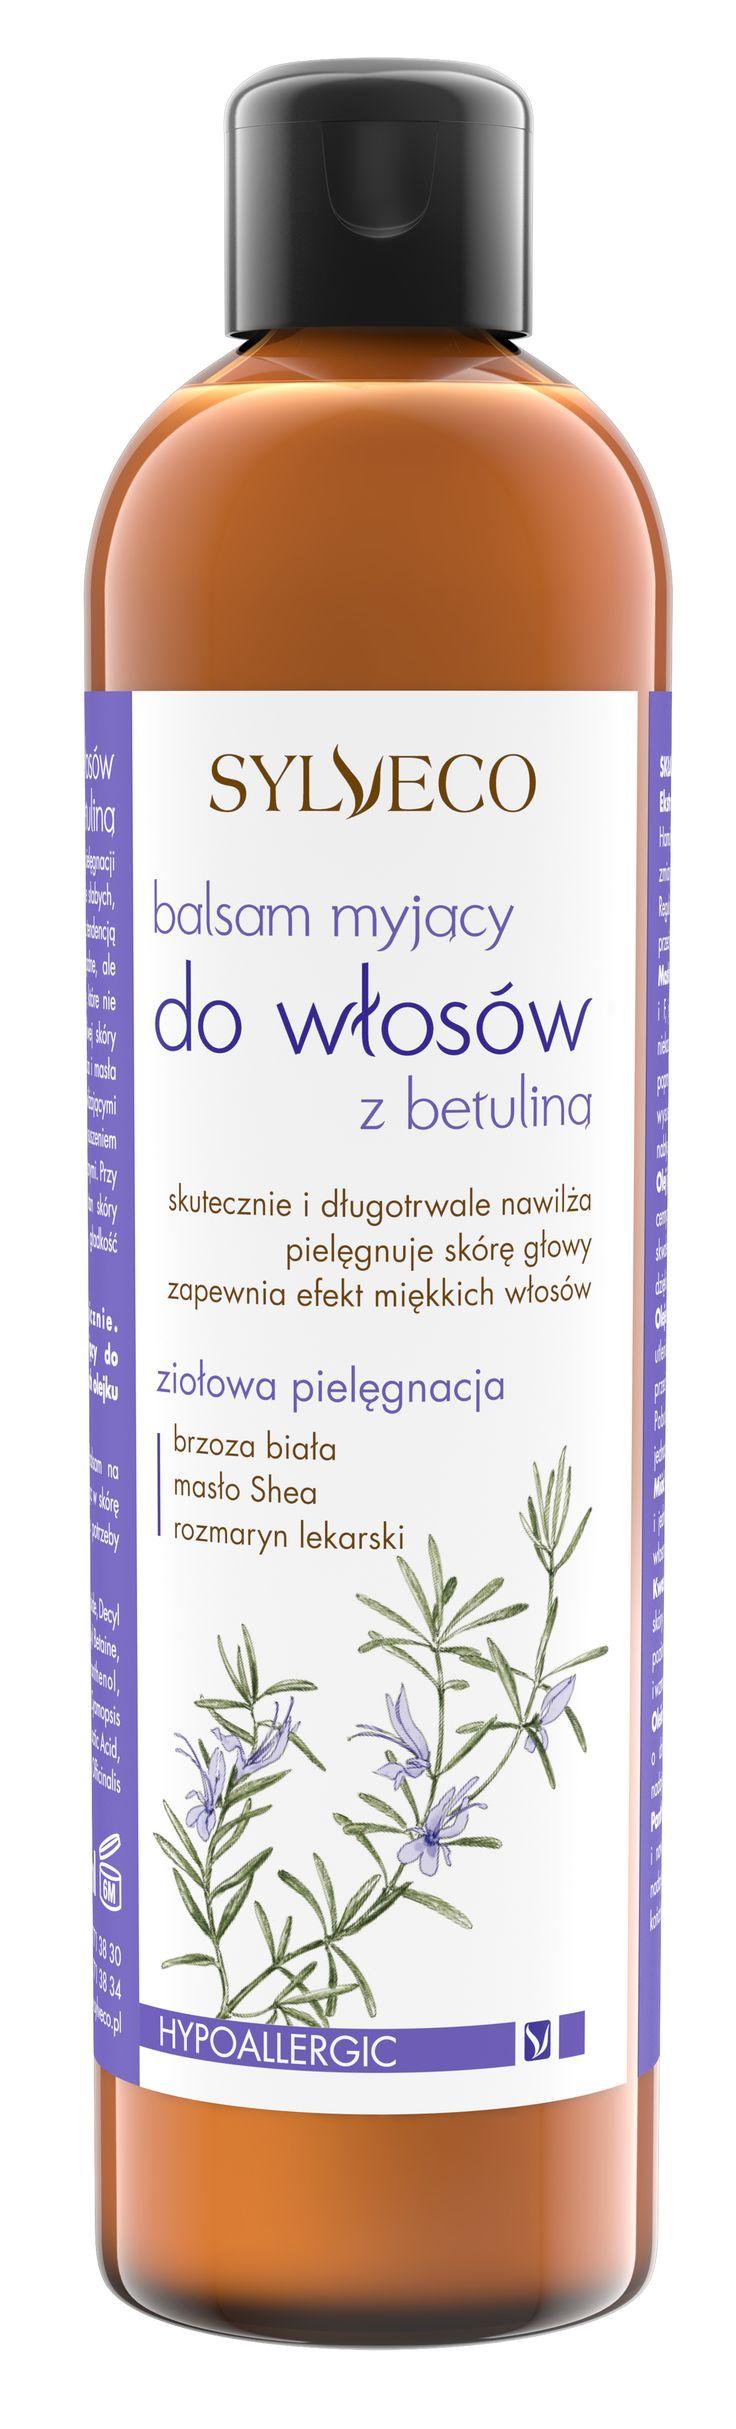 Sylveco Balsam myjący do włosów z betuliną